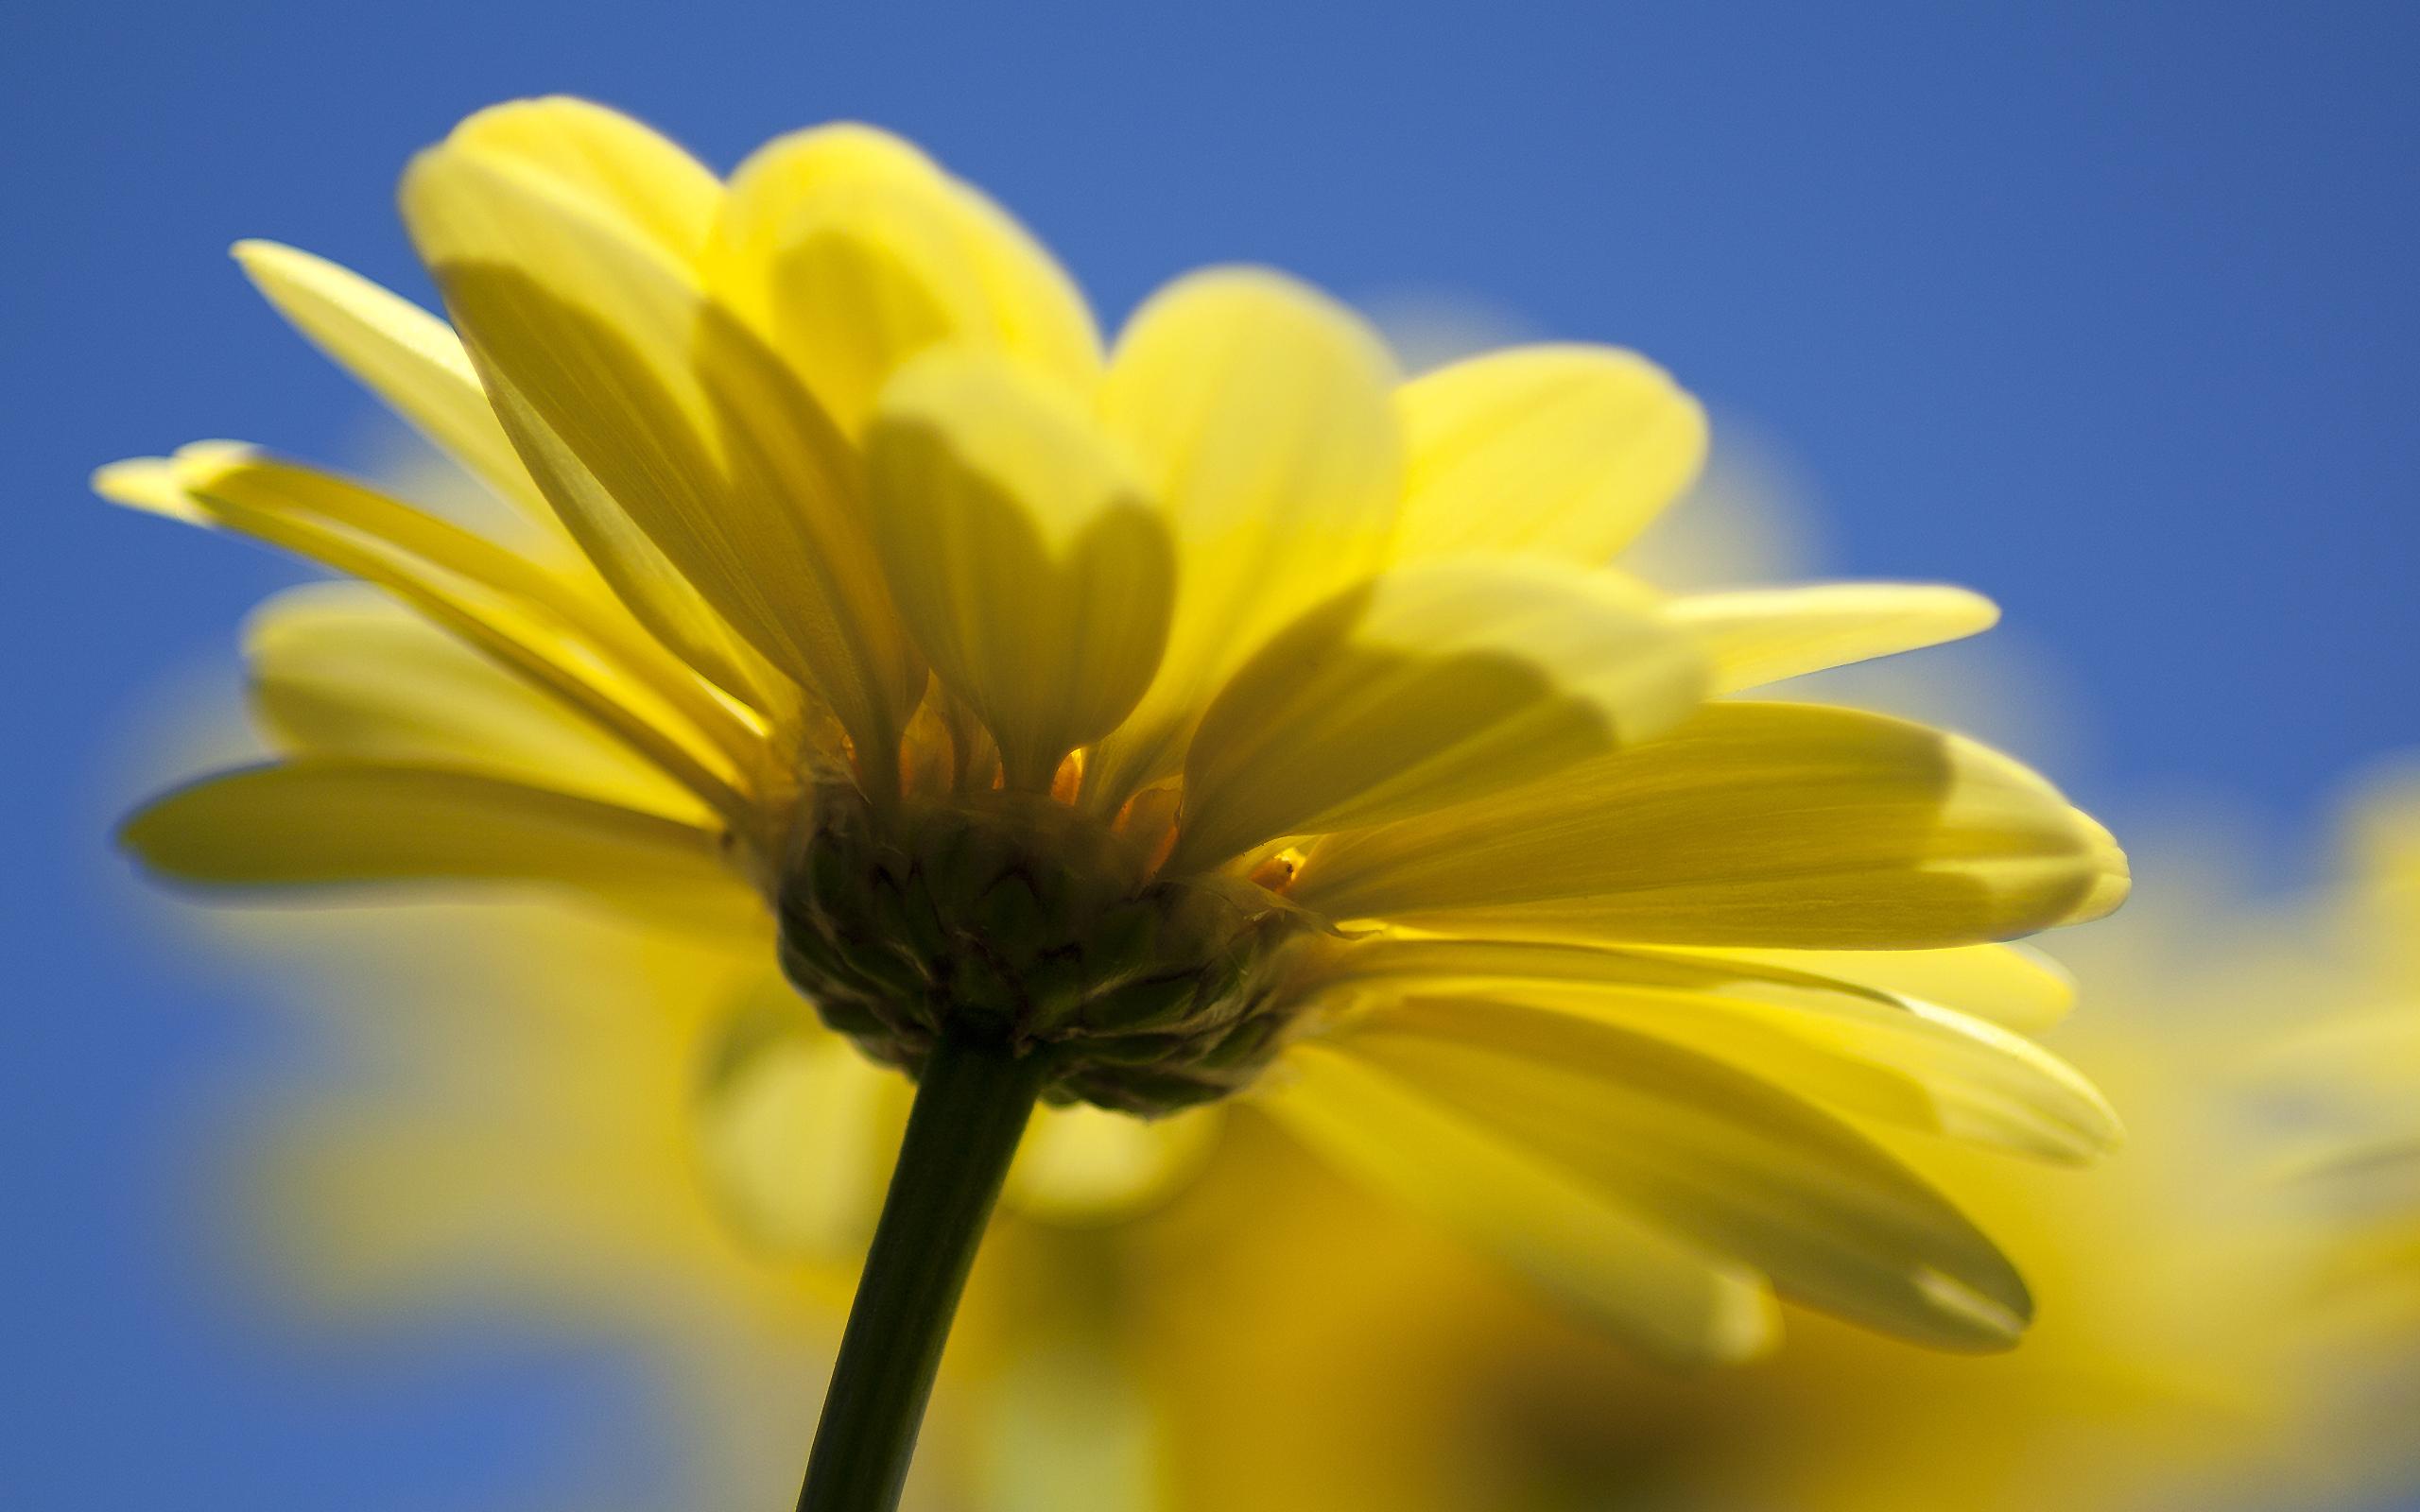 природа цветок желтый бесплатно